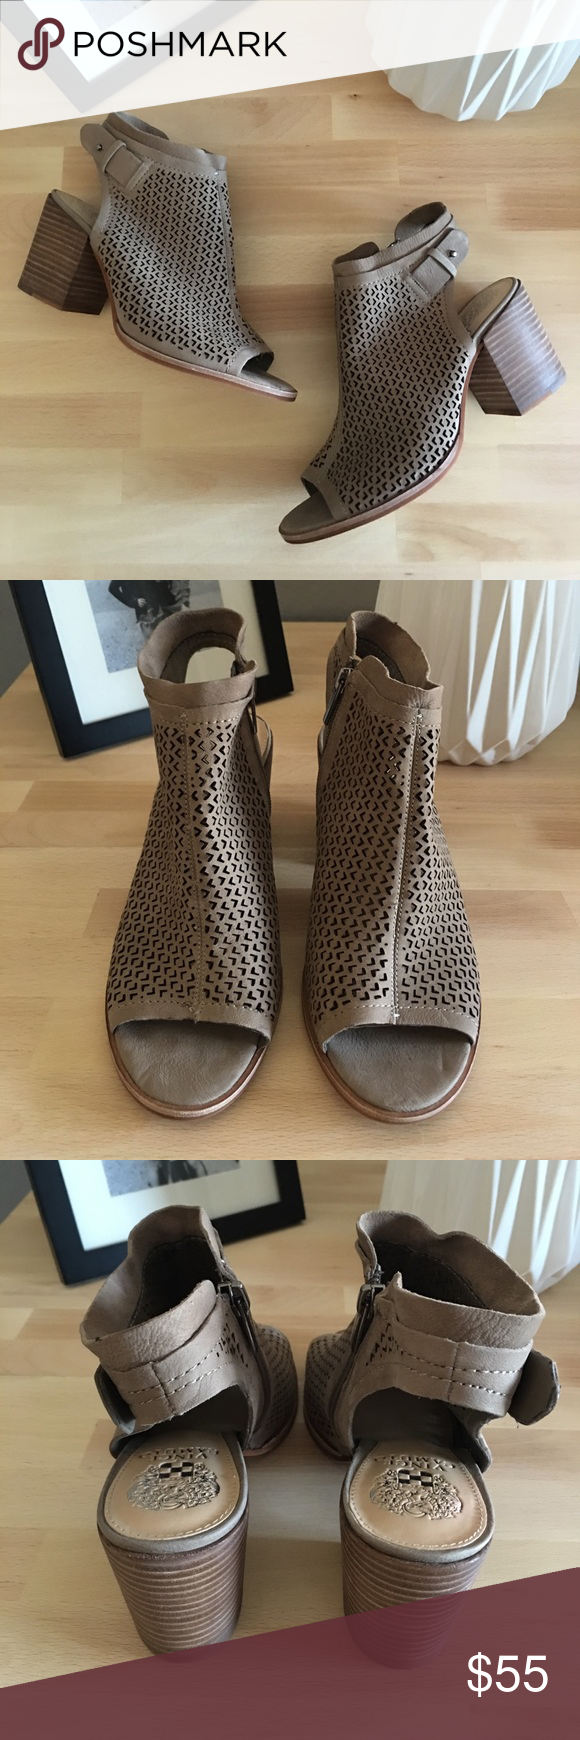 77a6ac2f3ce 🆕 VINCE CAMUTO Lidie Cutout Bootie Sandal A Vince Camuto Shoes ...